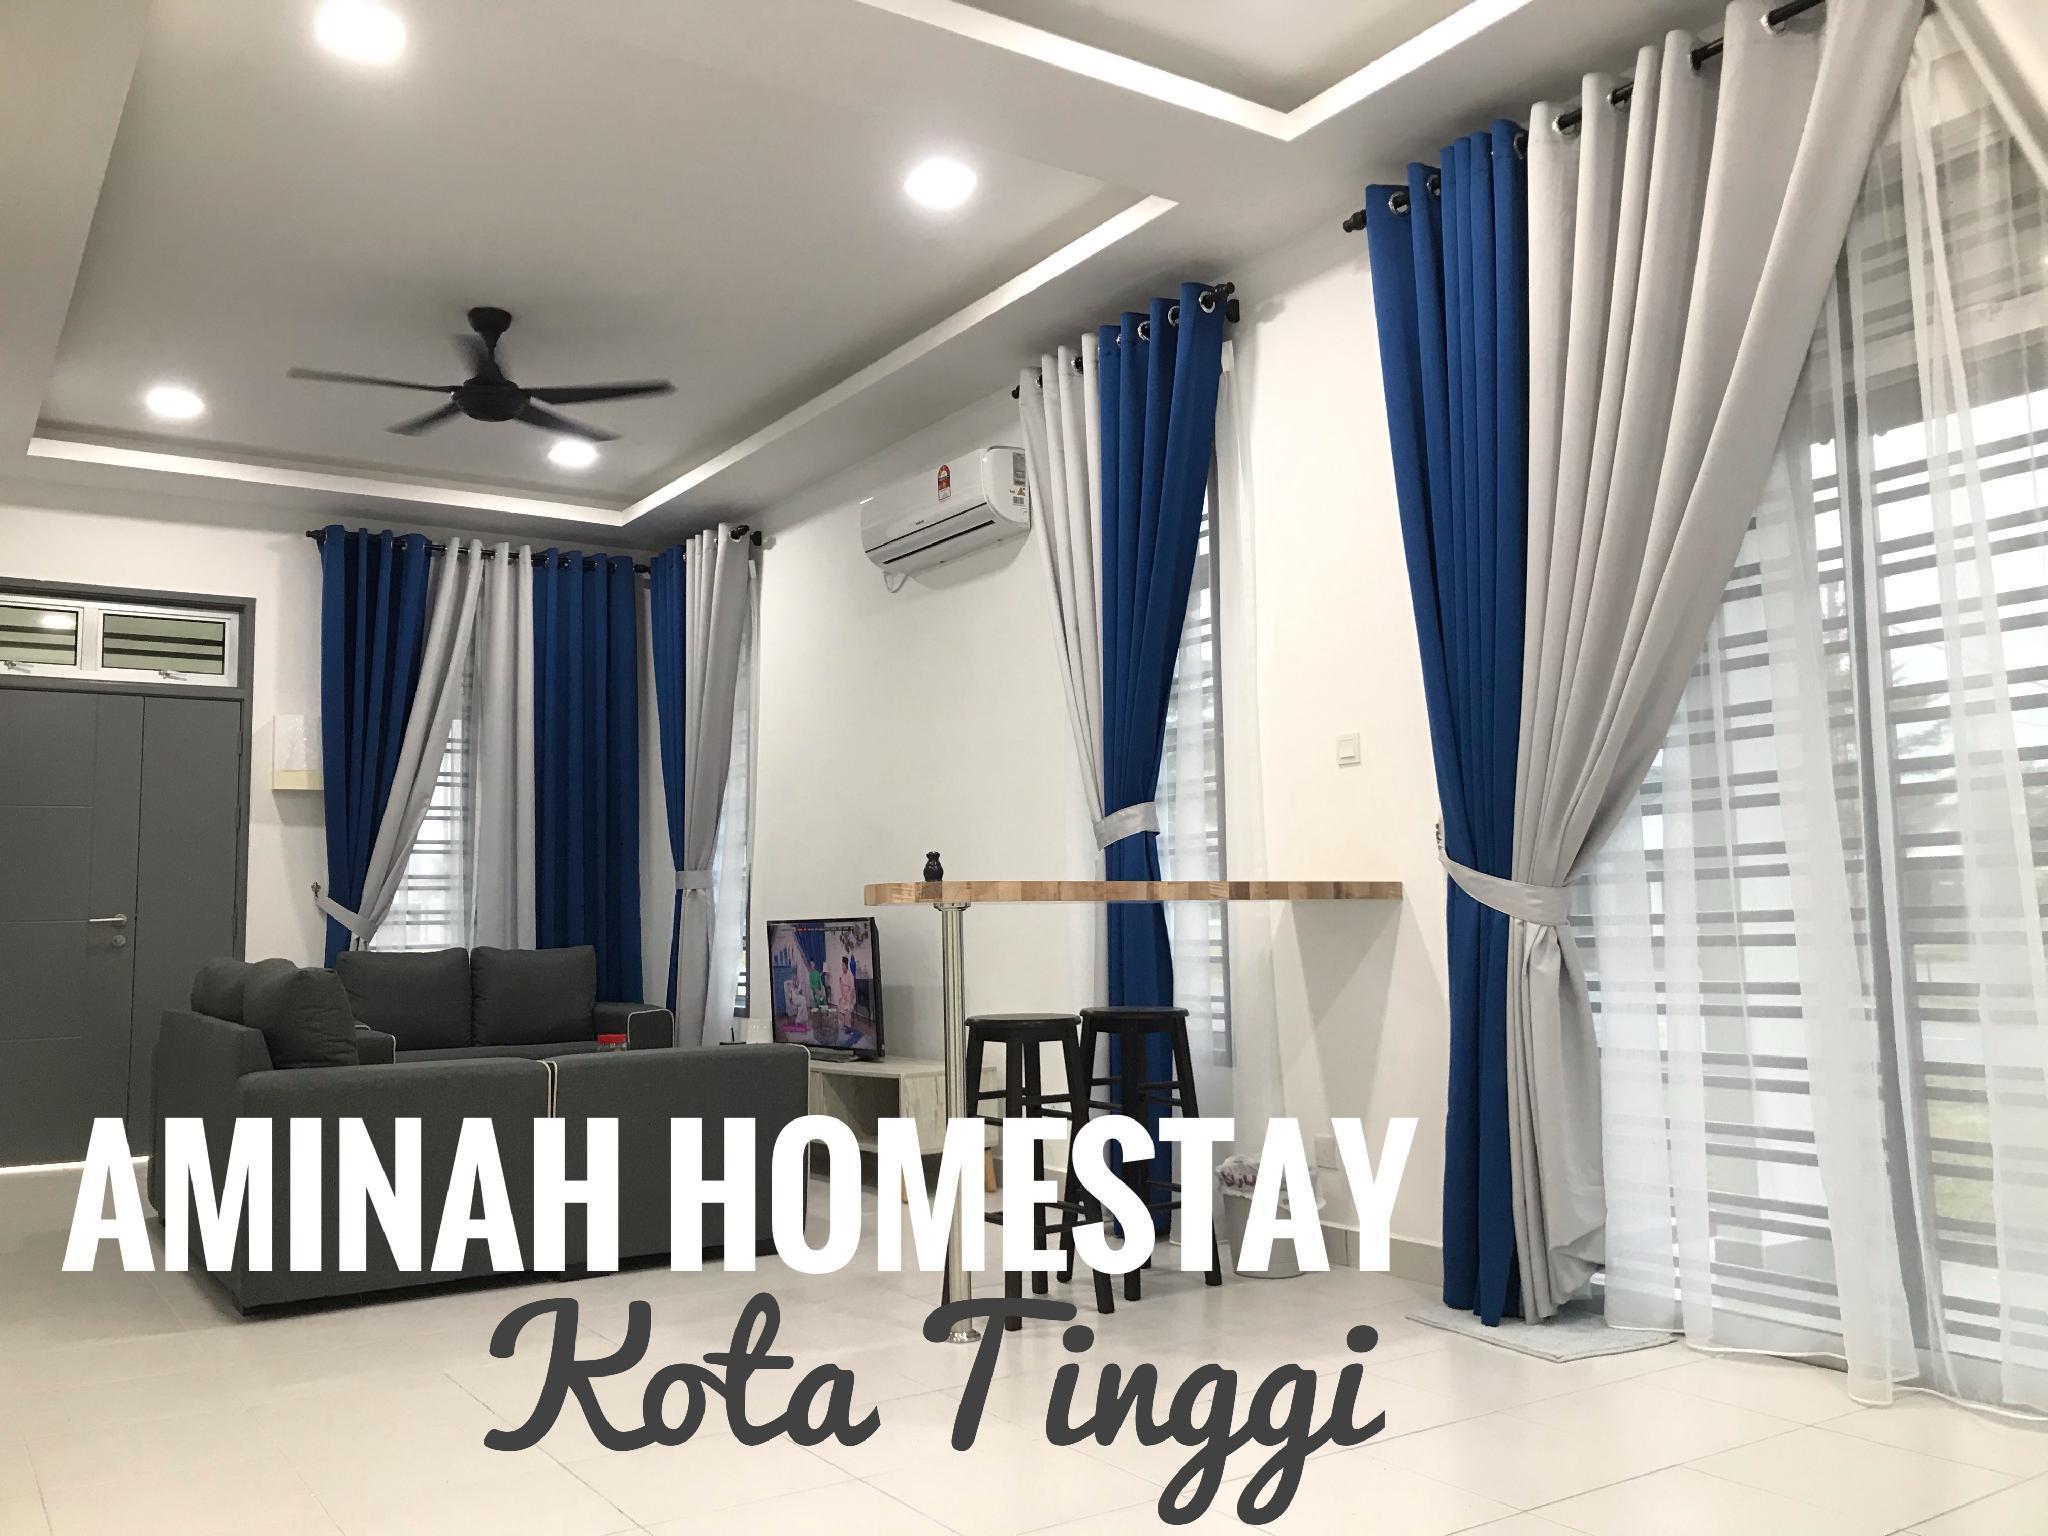 Aminah Homestay Kota Tinggi